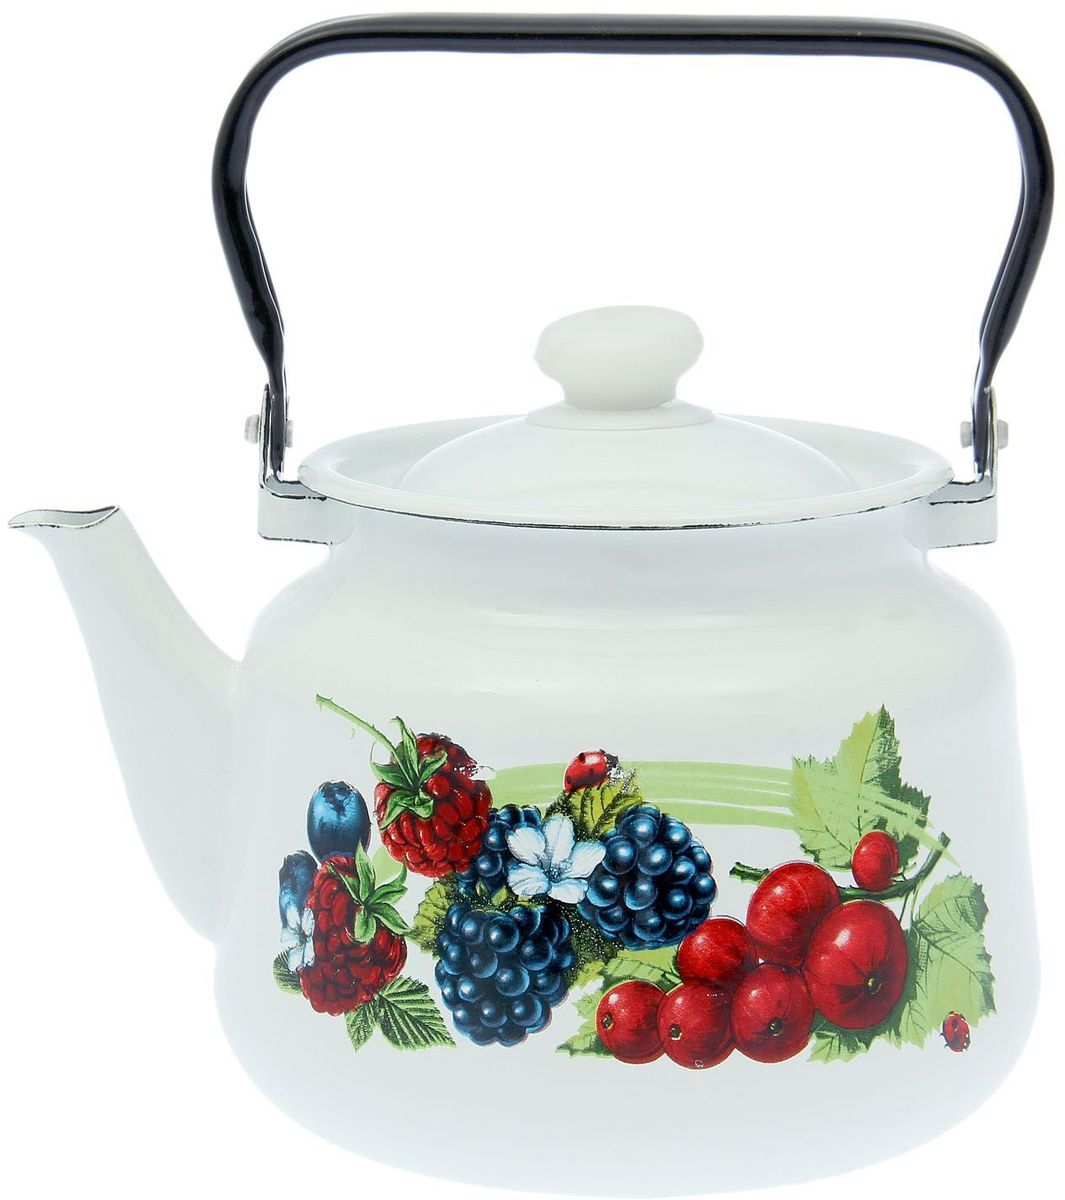 Чайник эмалированный Epos Смузи, 3,5 л68/5/4Чайник Epos Смузи выполнен из высококачественной стали с эмалированным покрытием. Поверхность чайникагладкая, что облегчает уход за ним. Большой объемпозволит приготовить напиток для всей семьи илинебольшой компании. Эстетичный и функциональный чайник будеторигинально смотреться в любом интерьере. Душевная атмосфера и со вкусом накрытый стол всегда будут собирать в вашем доме близких и друзей.Чайник подходит для использования на всех типах плит,включая индукционные. Объем: 3,5 л.